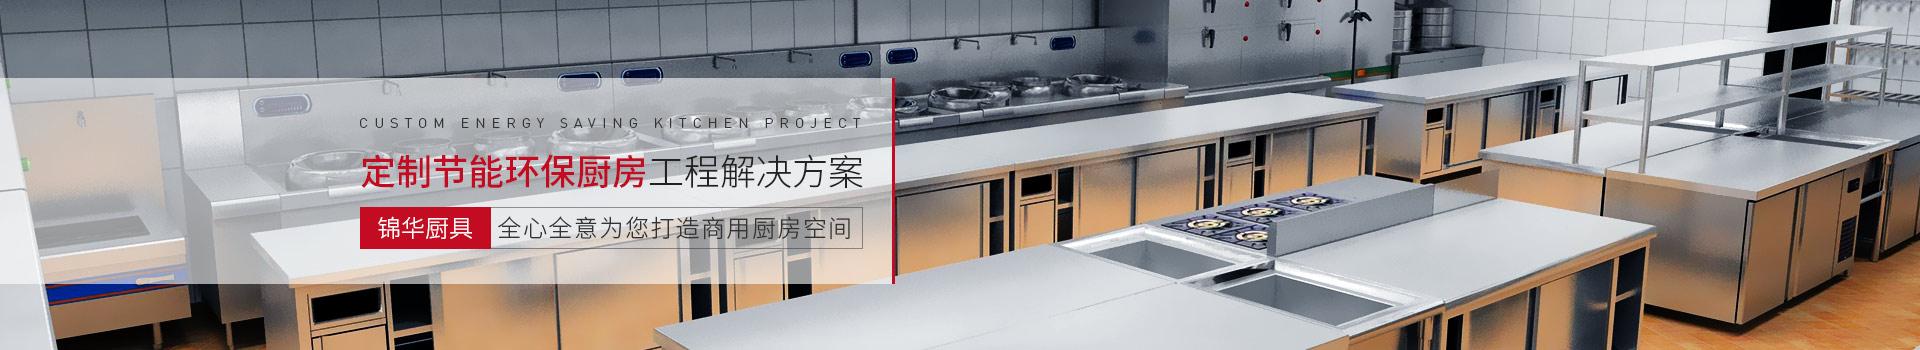 锦华厨具-既节能又环保的定制化连锁餐饮厨房工程解决方案